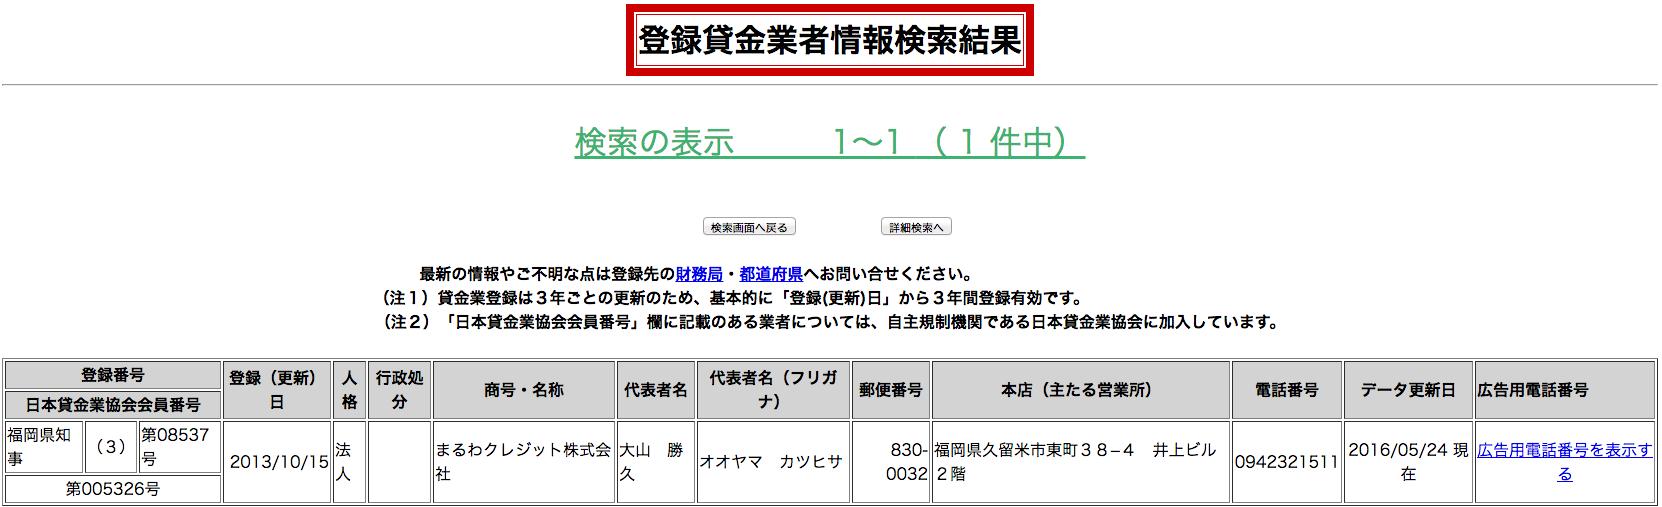 福岡県知事(4)第08537号